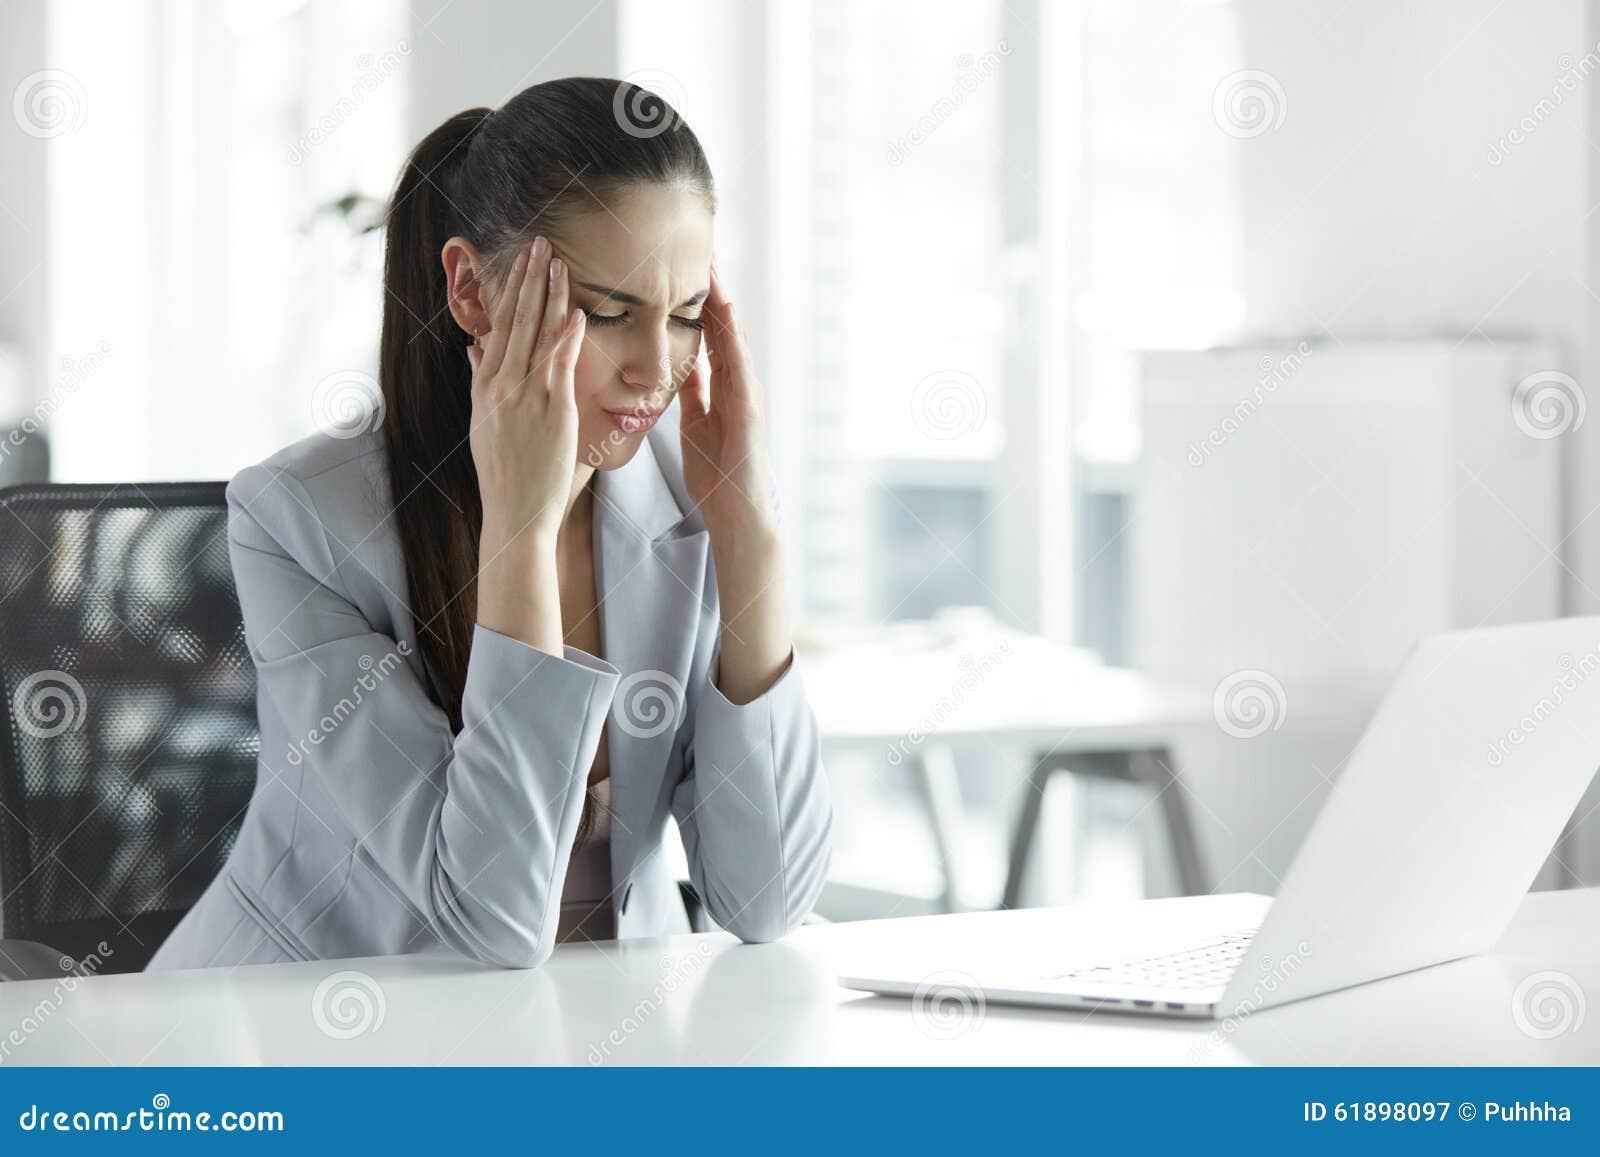 Dolor de cabeza y tensión en el trabajo Retrato de la mujer de negocios joven en